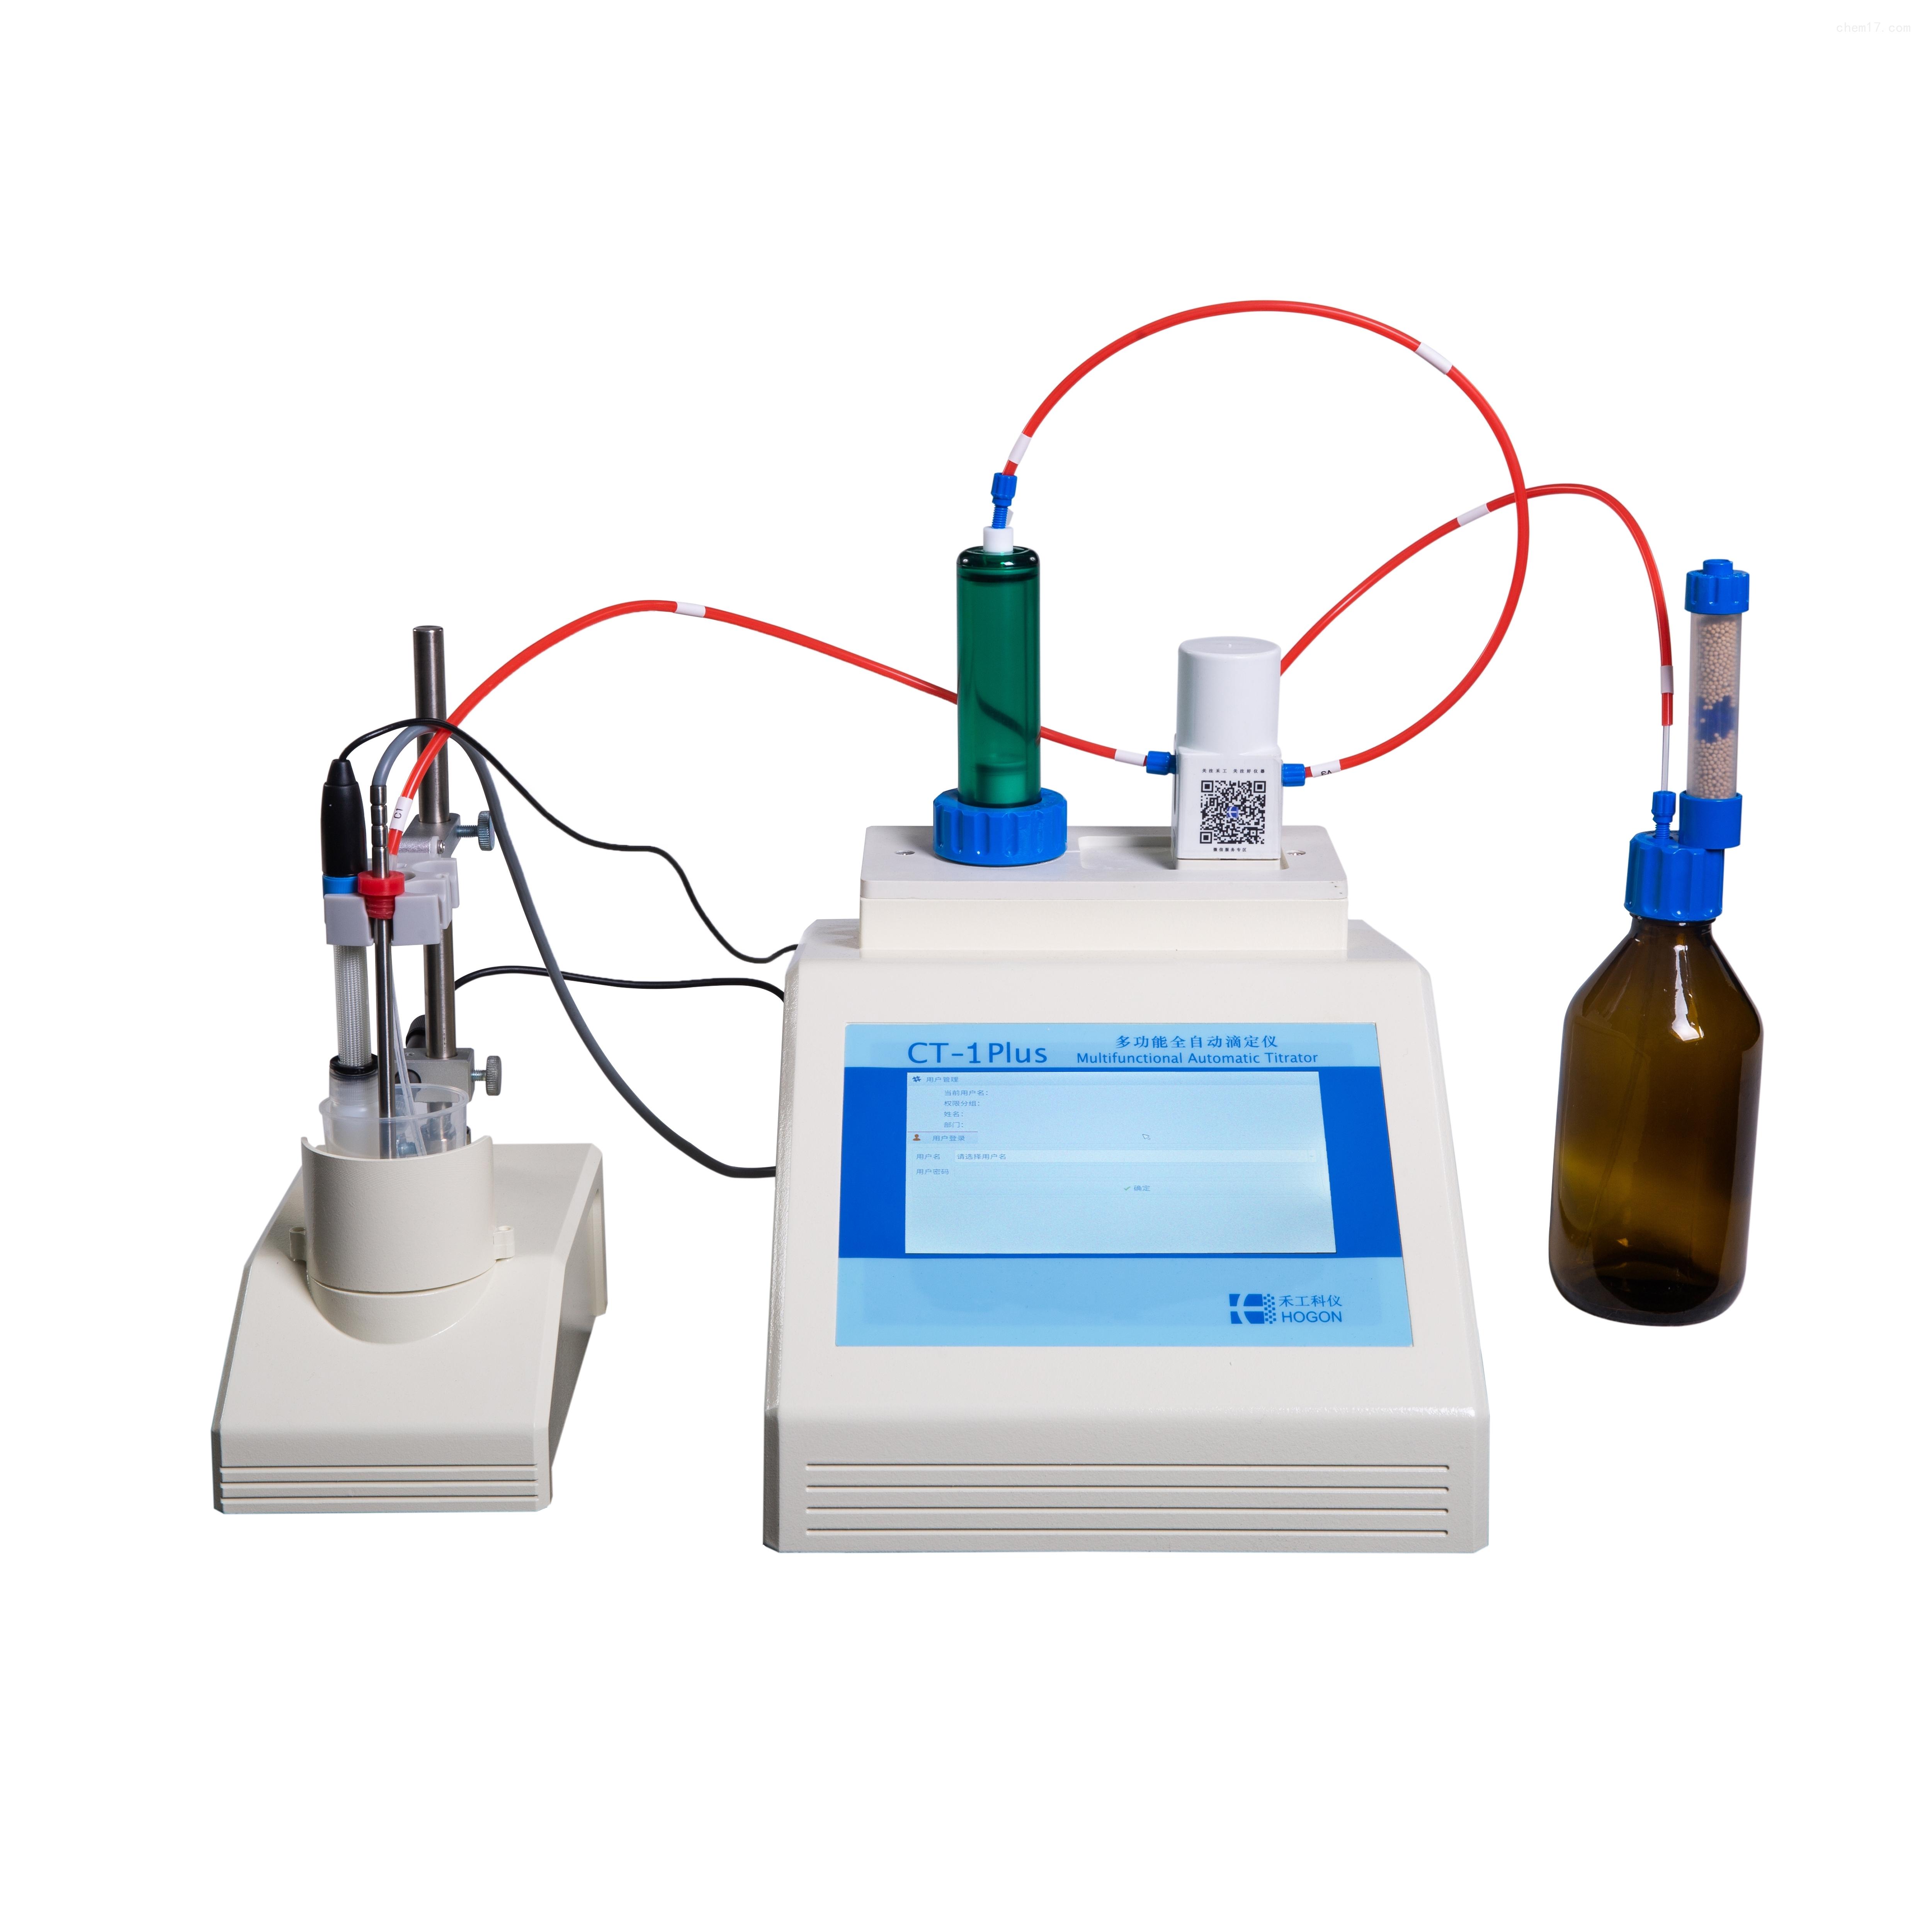 CT-1PLUS自動電位滴定儀